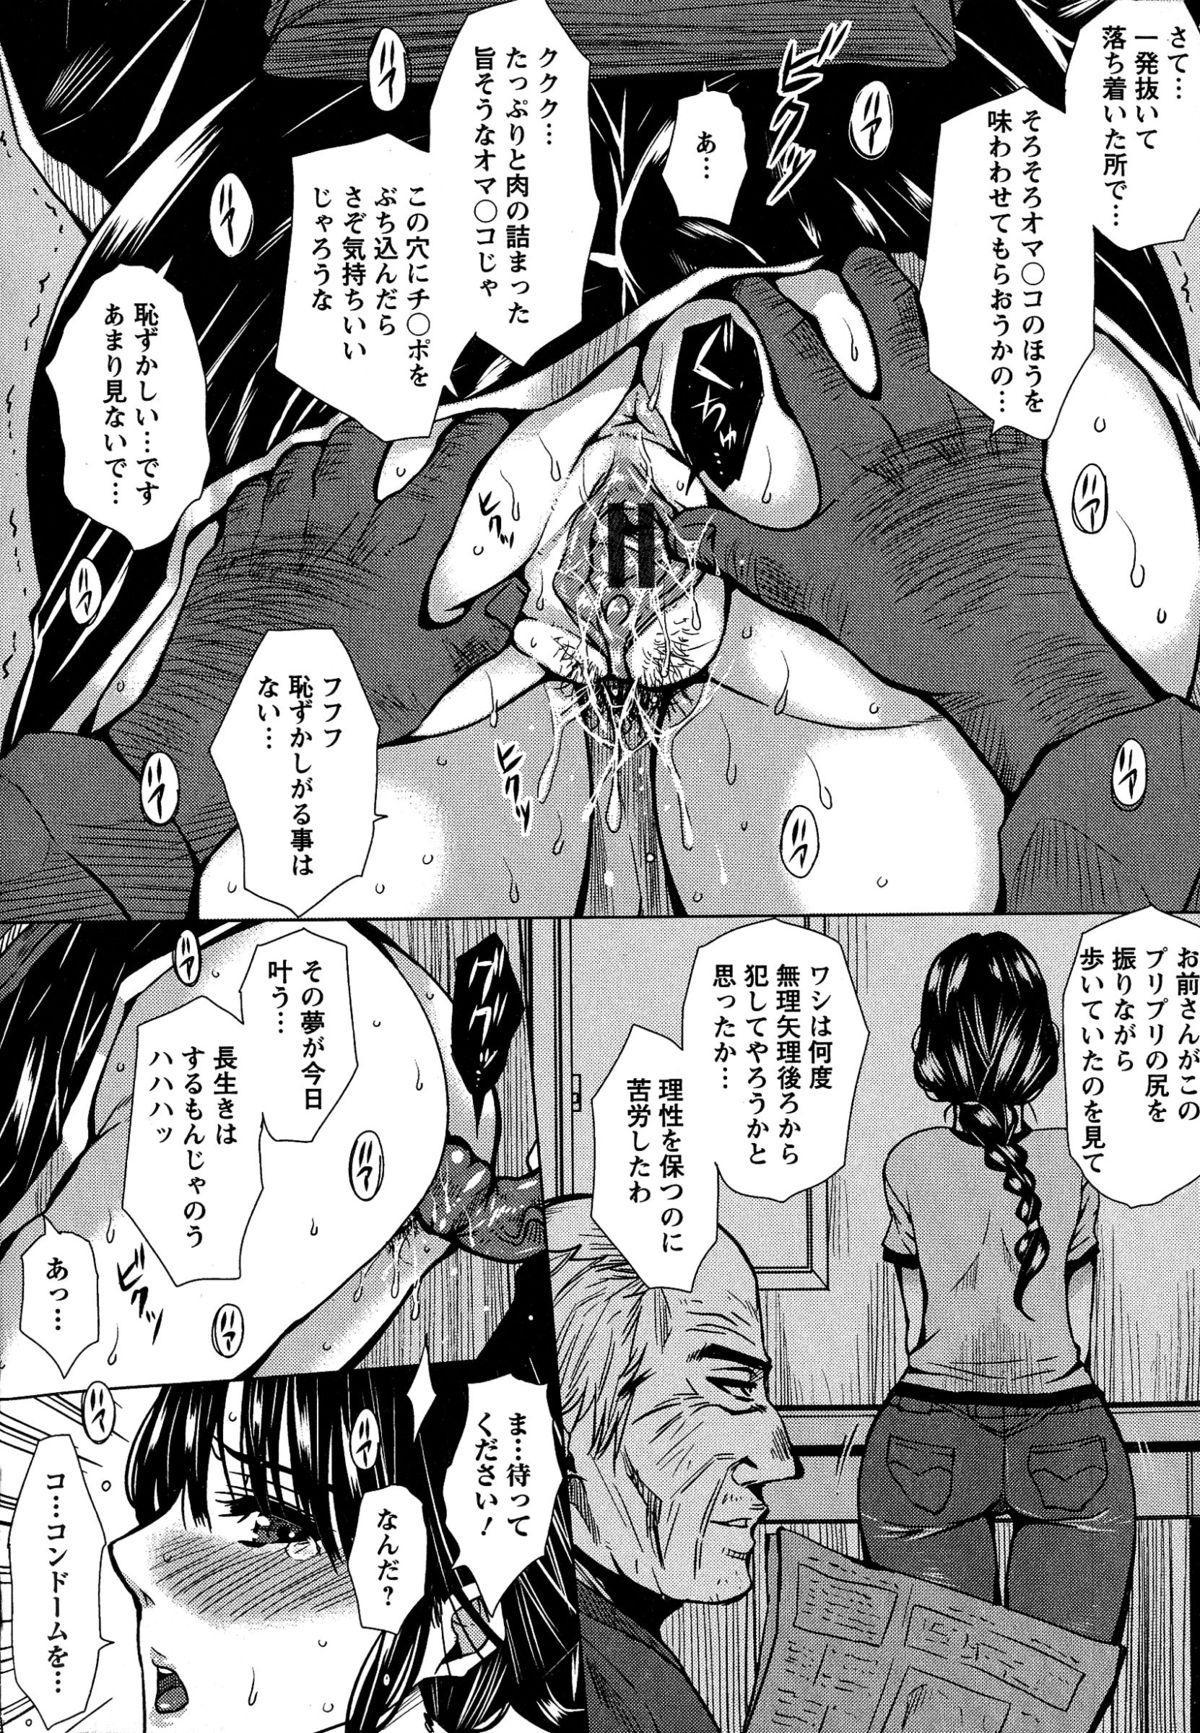 Seishori Kazoku 62